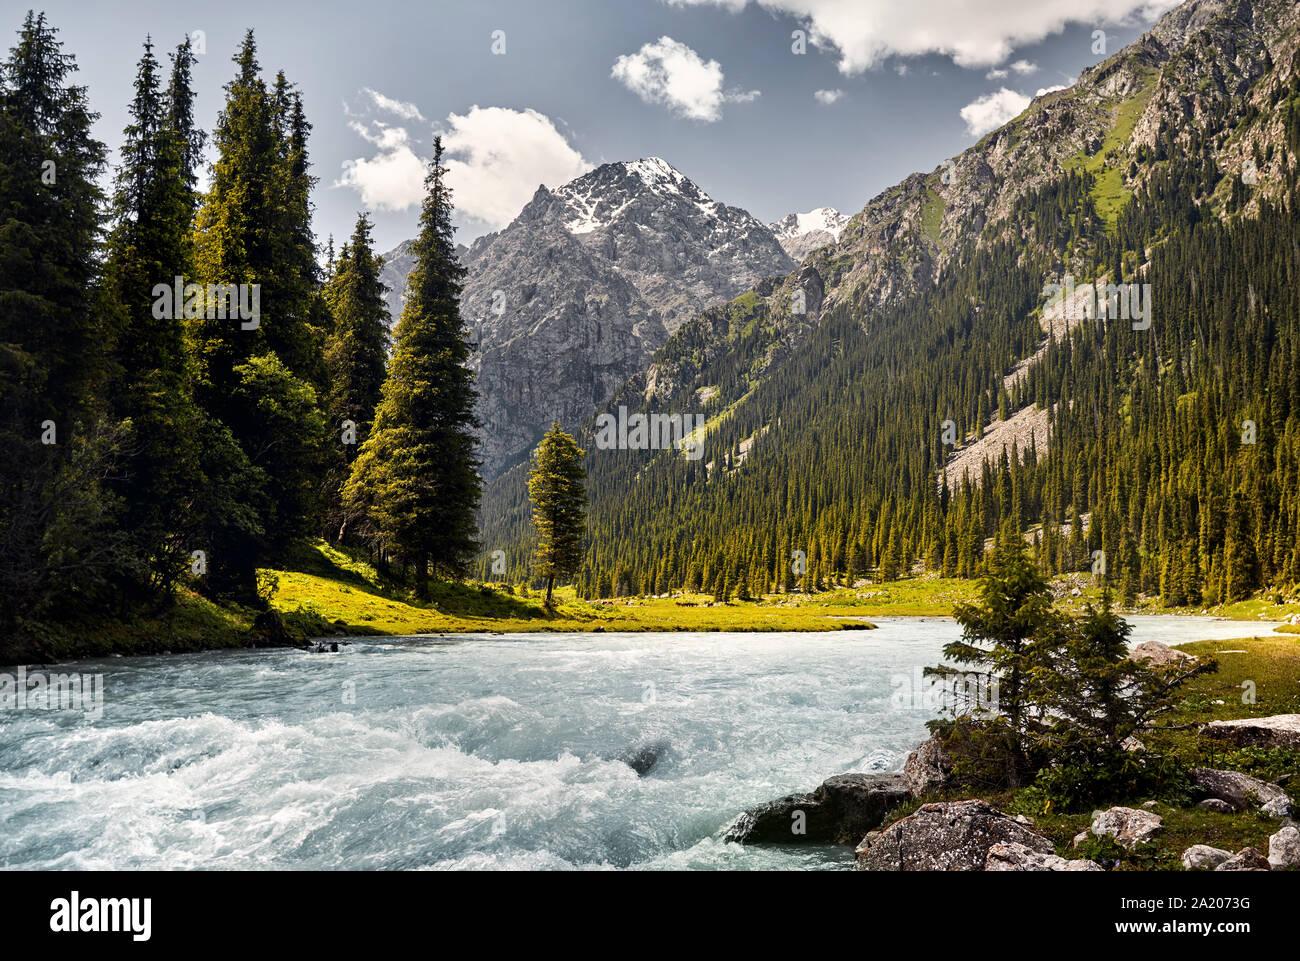 Karakol River en el valle de montaña con grandes pinos y pico nevado en Karakol, parque nacional de Kirguistán Foto de stock